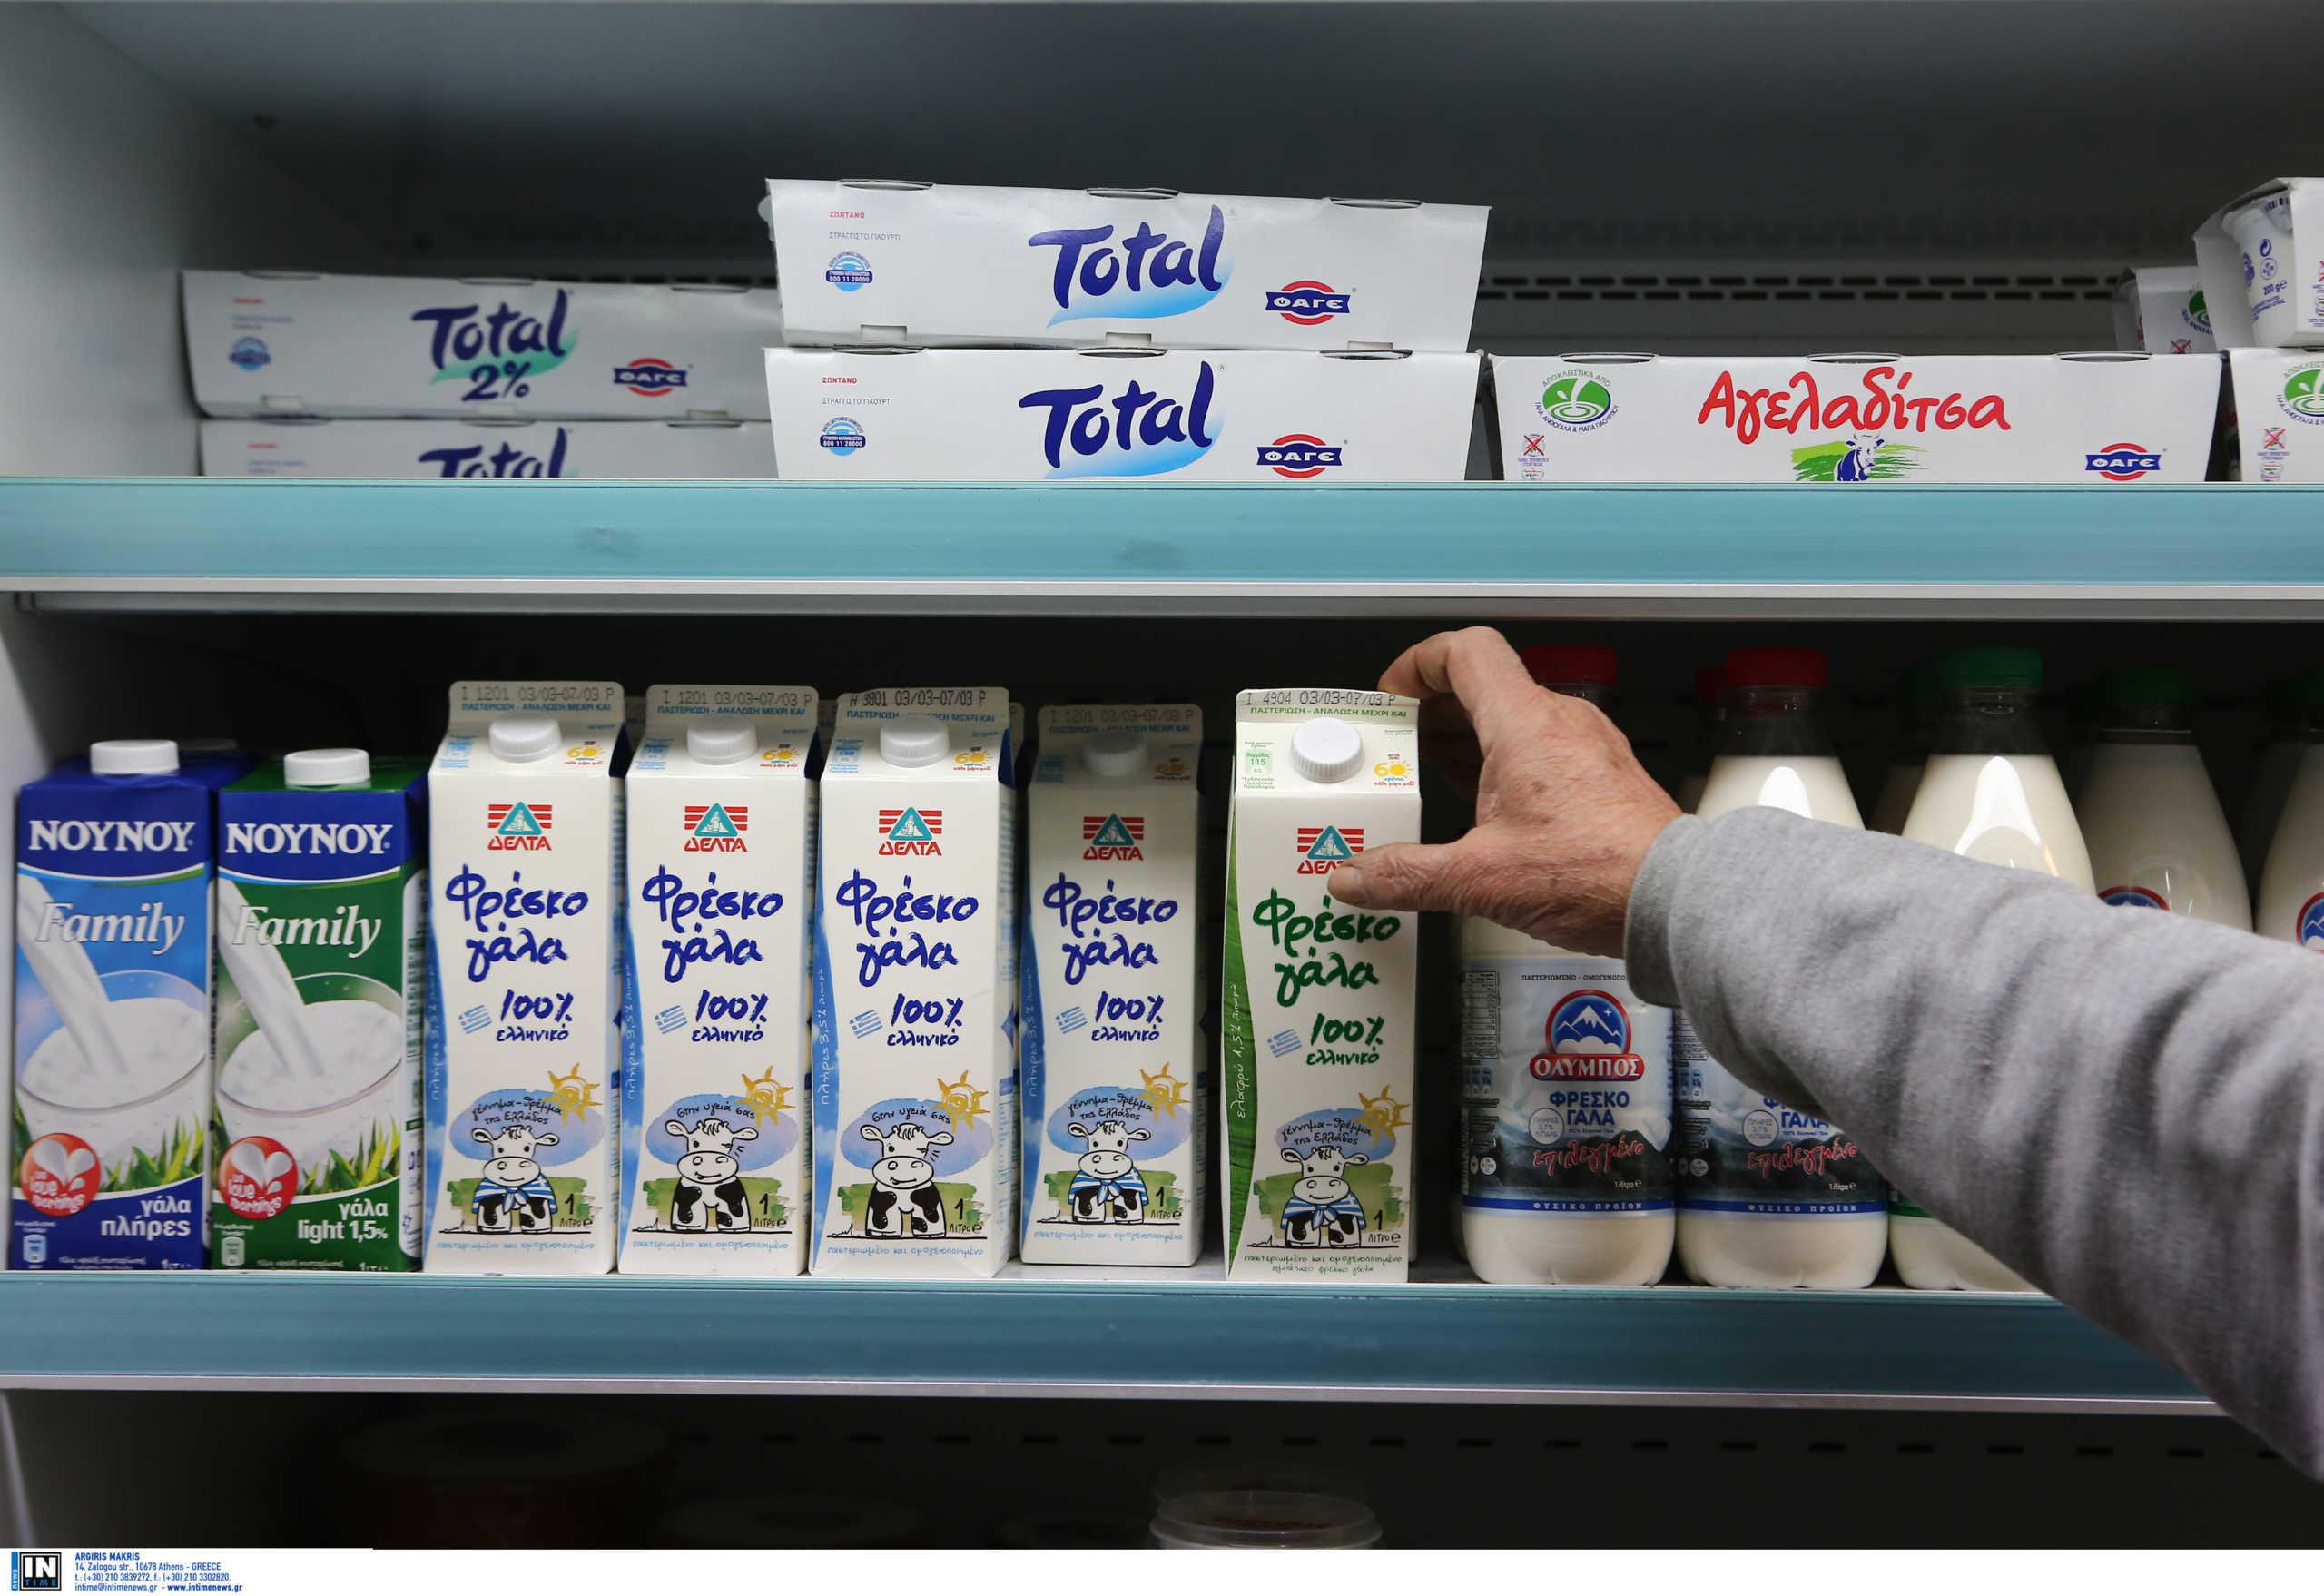 Κοζάνη: Ο πελάτης του σούπερ μάρκετ σταμάτησε να ψωνίζει ξαφνικά! Οι κάμερες πρόδωσαν τις ένοχες κινήσεις του